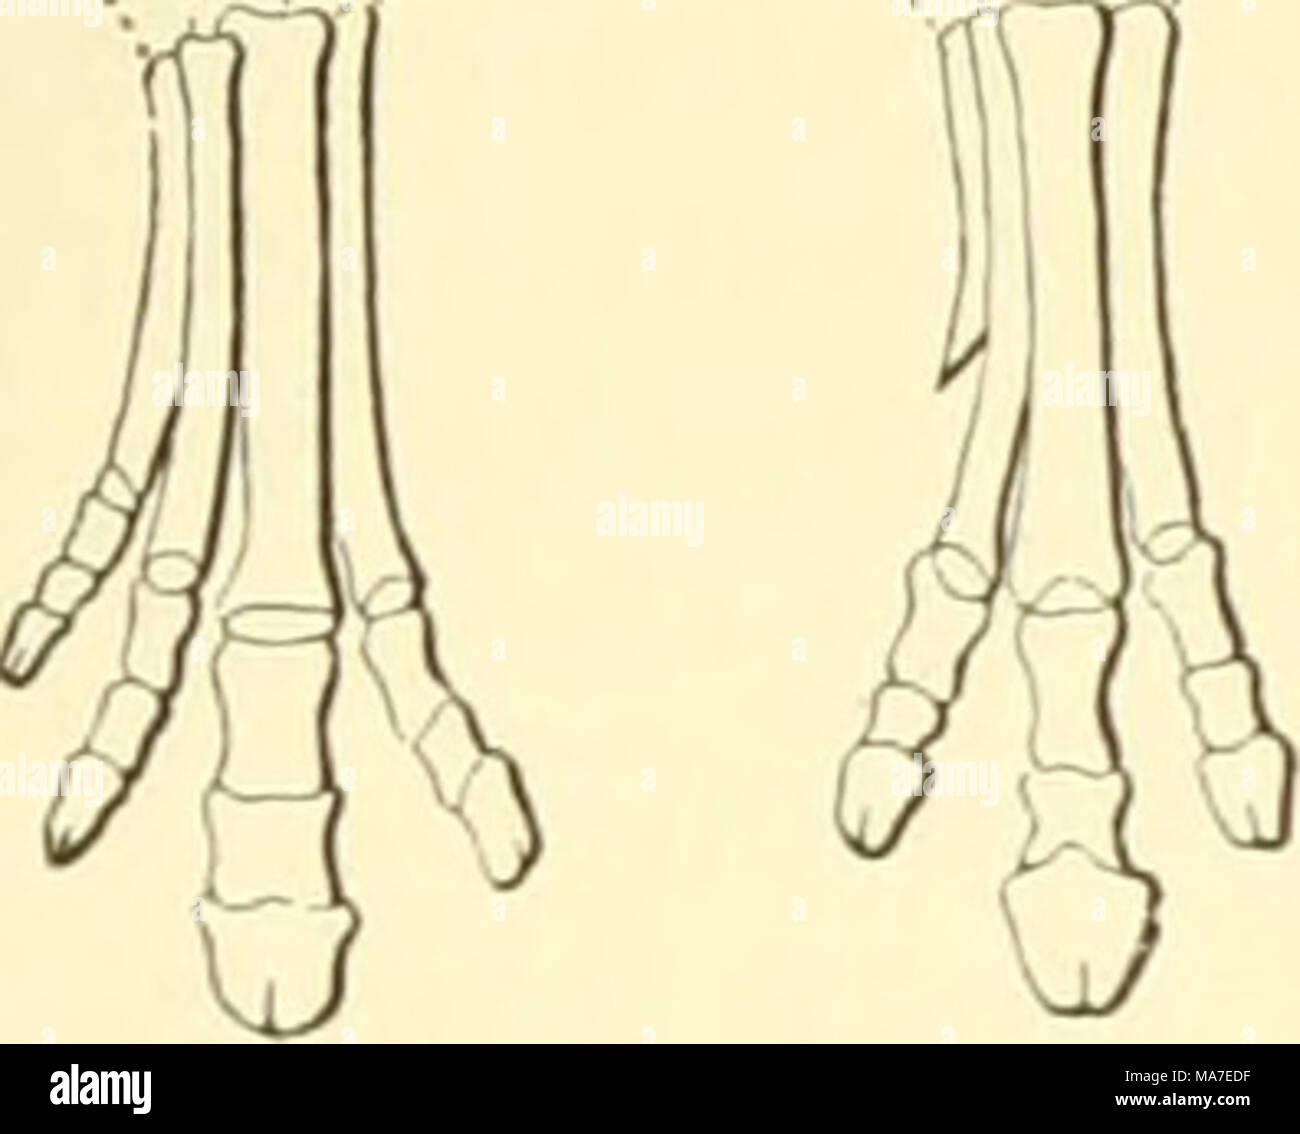 Fantastisch Anatomie Und Physiologie Einführung Galerie ...